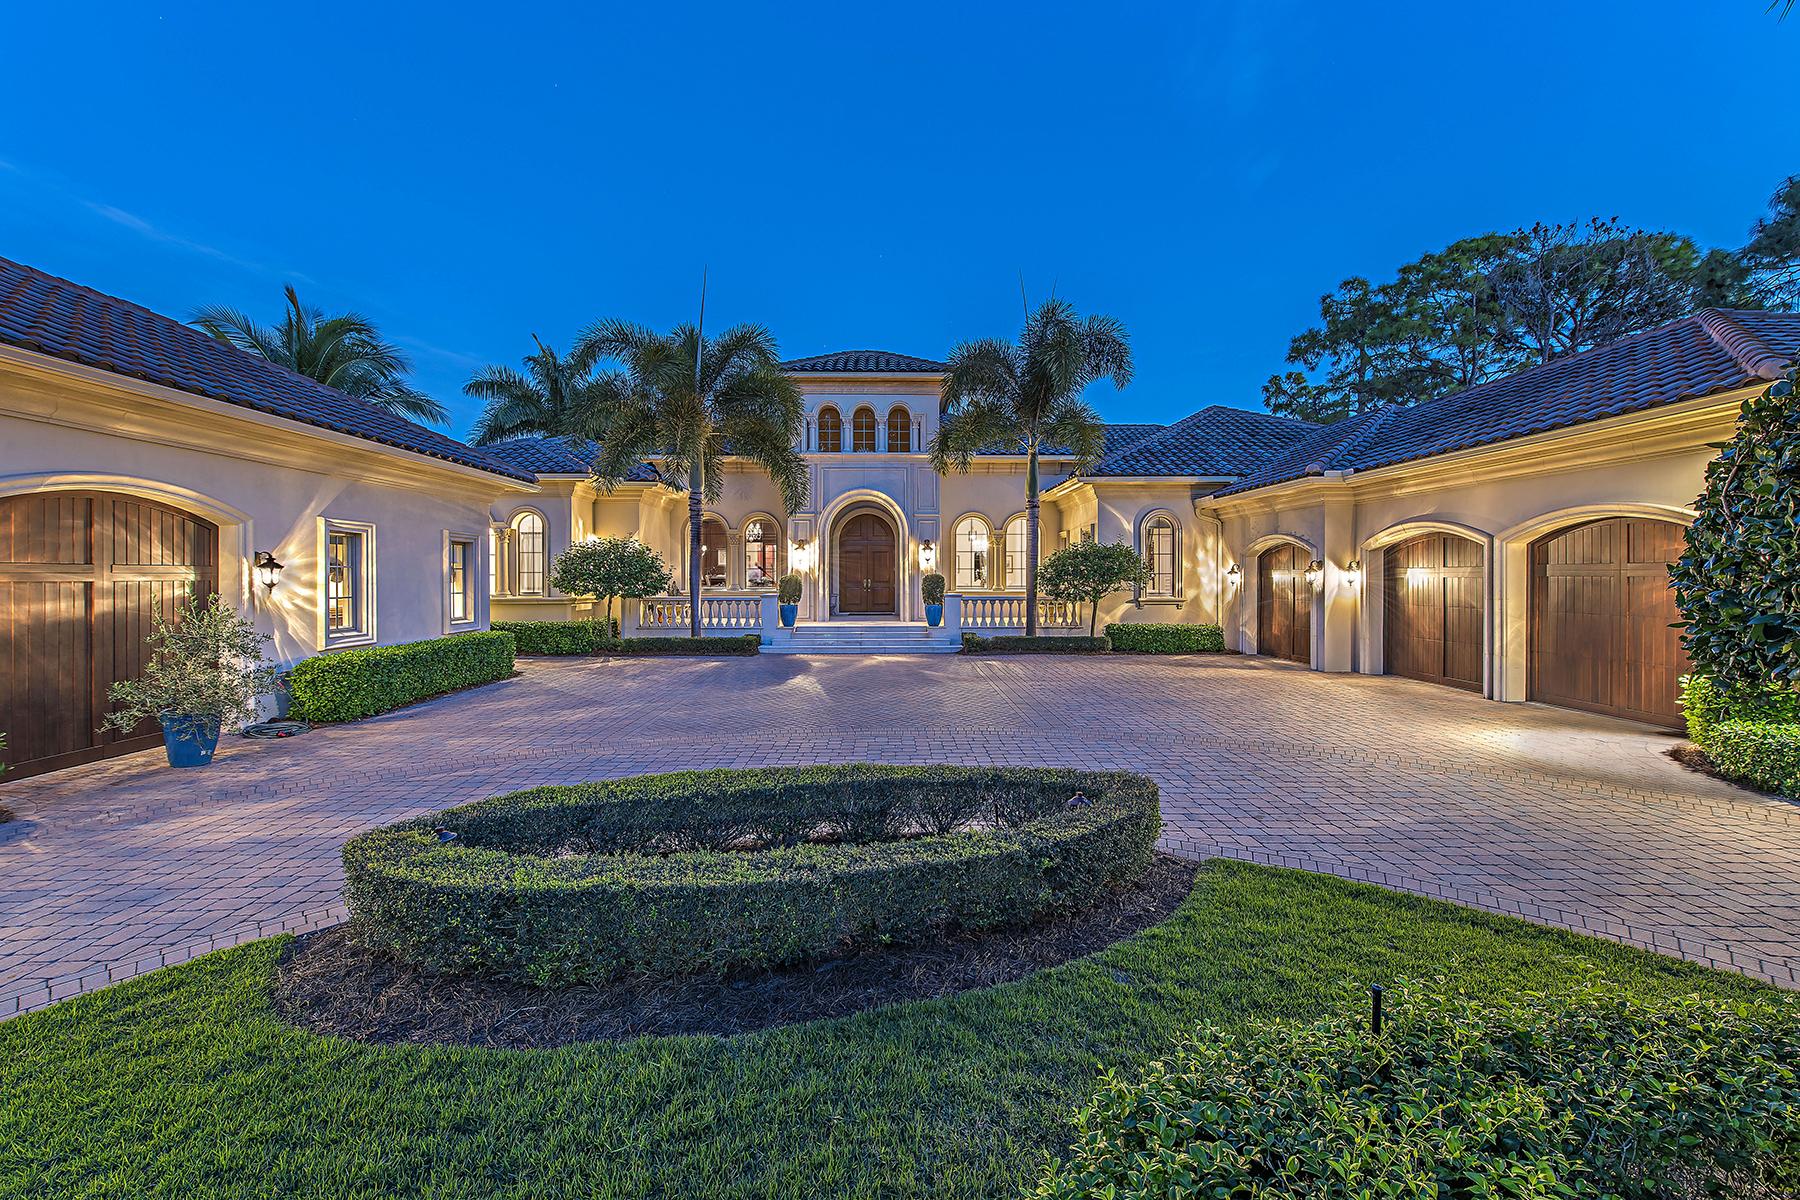 Tek Ailelik Ev için Satış at 1372 Great Egret Trl , Naples, FL 34105 1372 Great Egret Trl Naples, Florida, 34105 Amerika Birleşik Devletleri